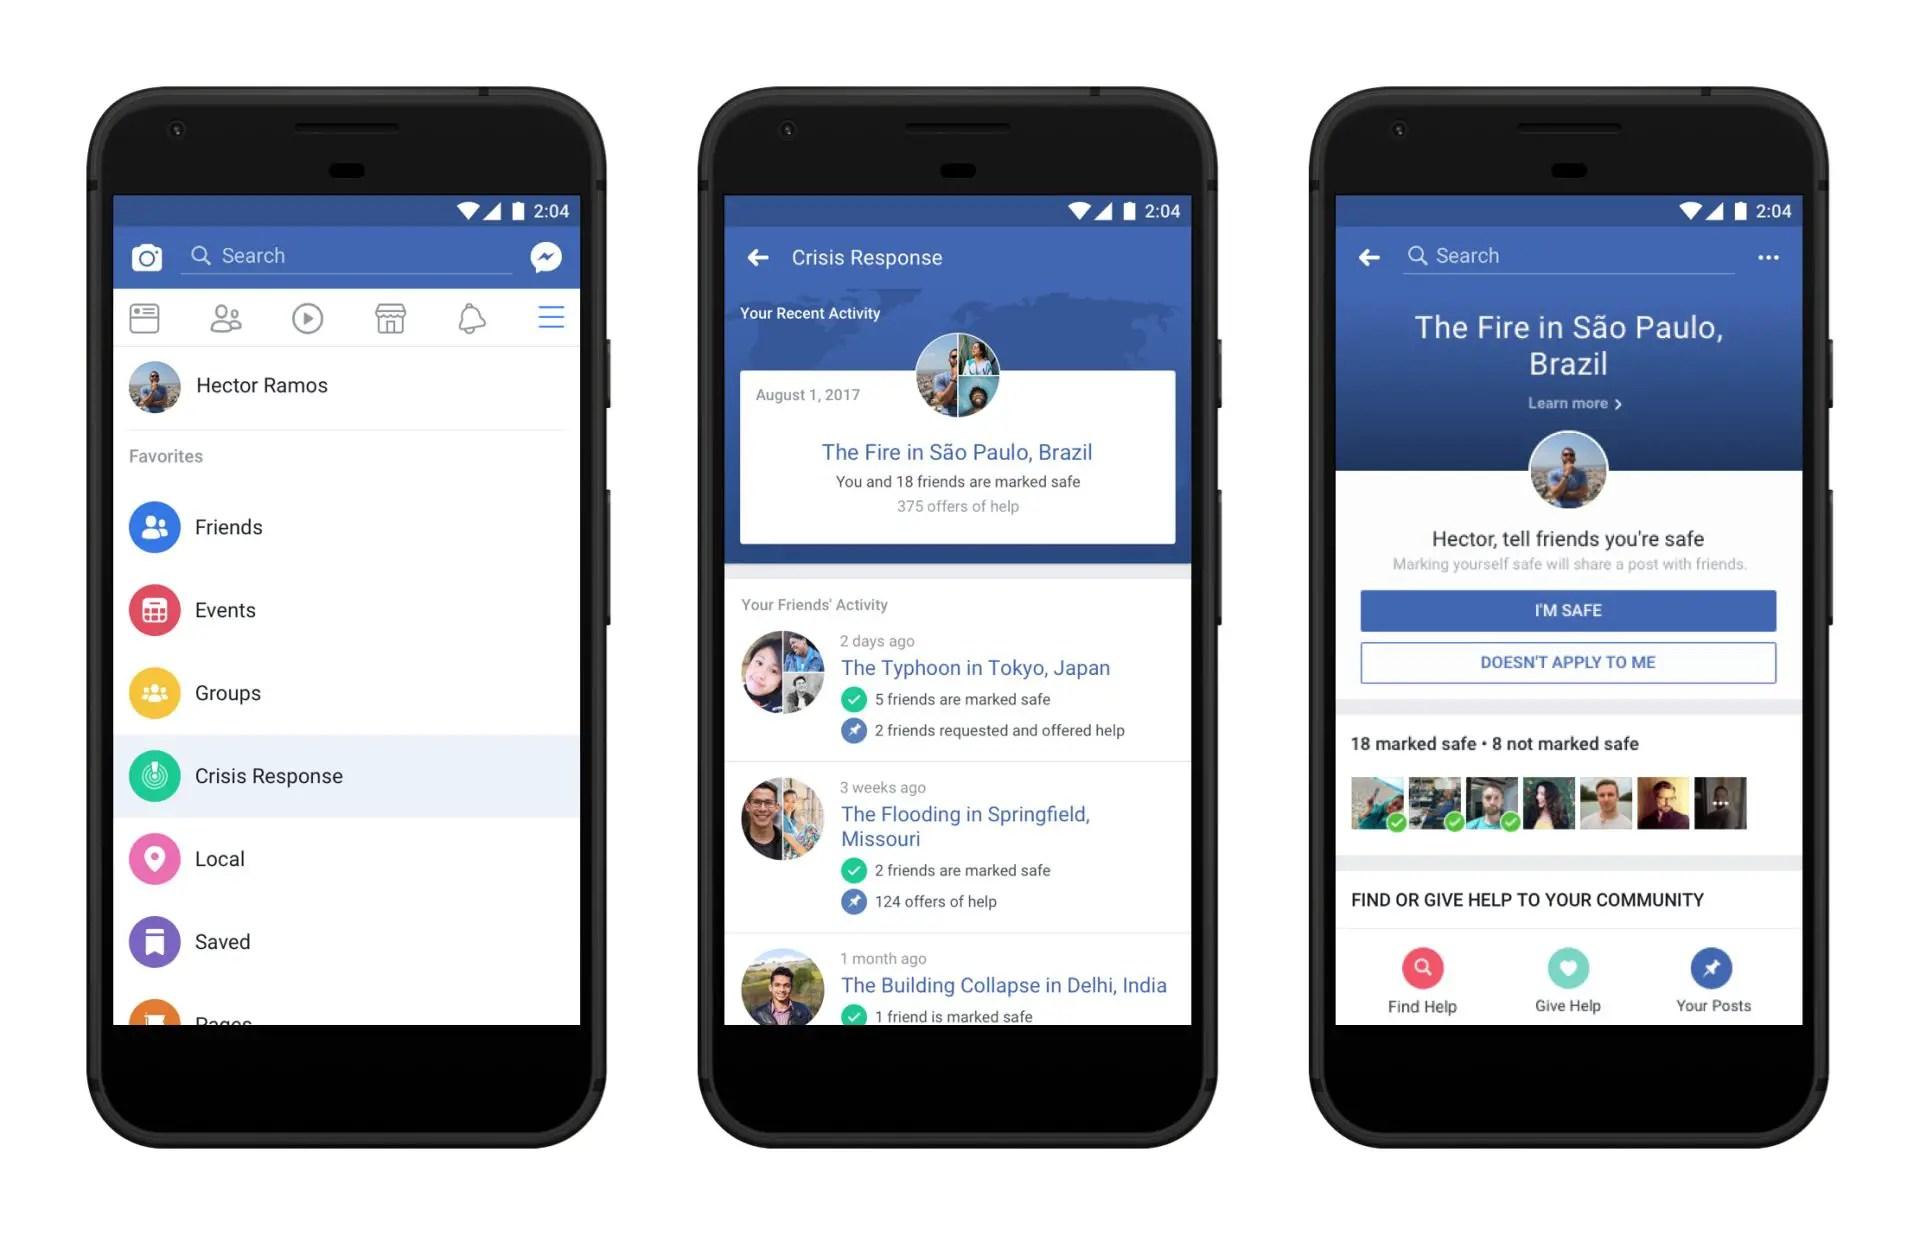 wersm-facebook-crisis-response-screenshot1